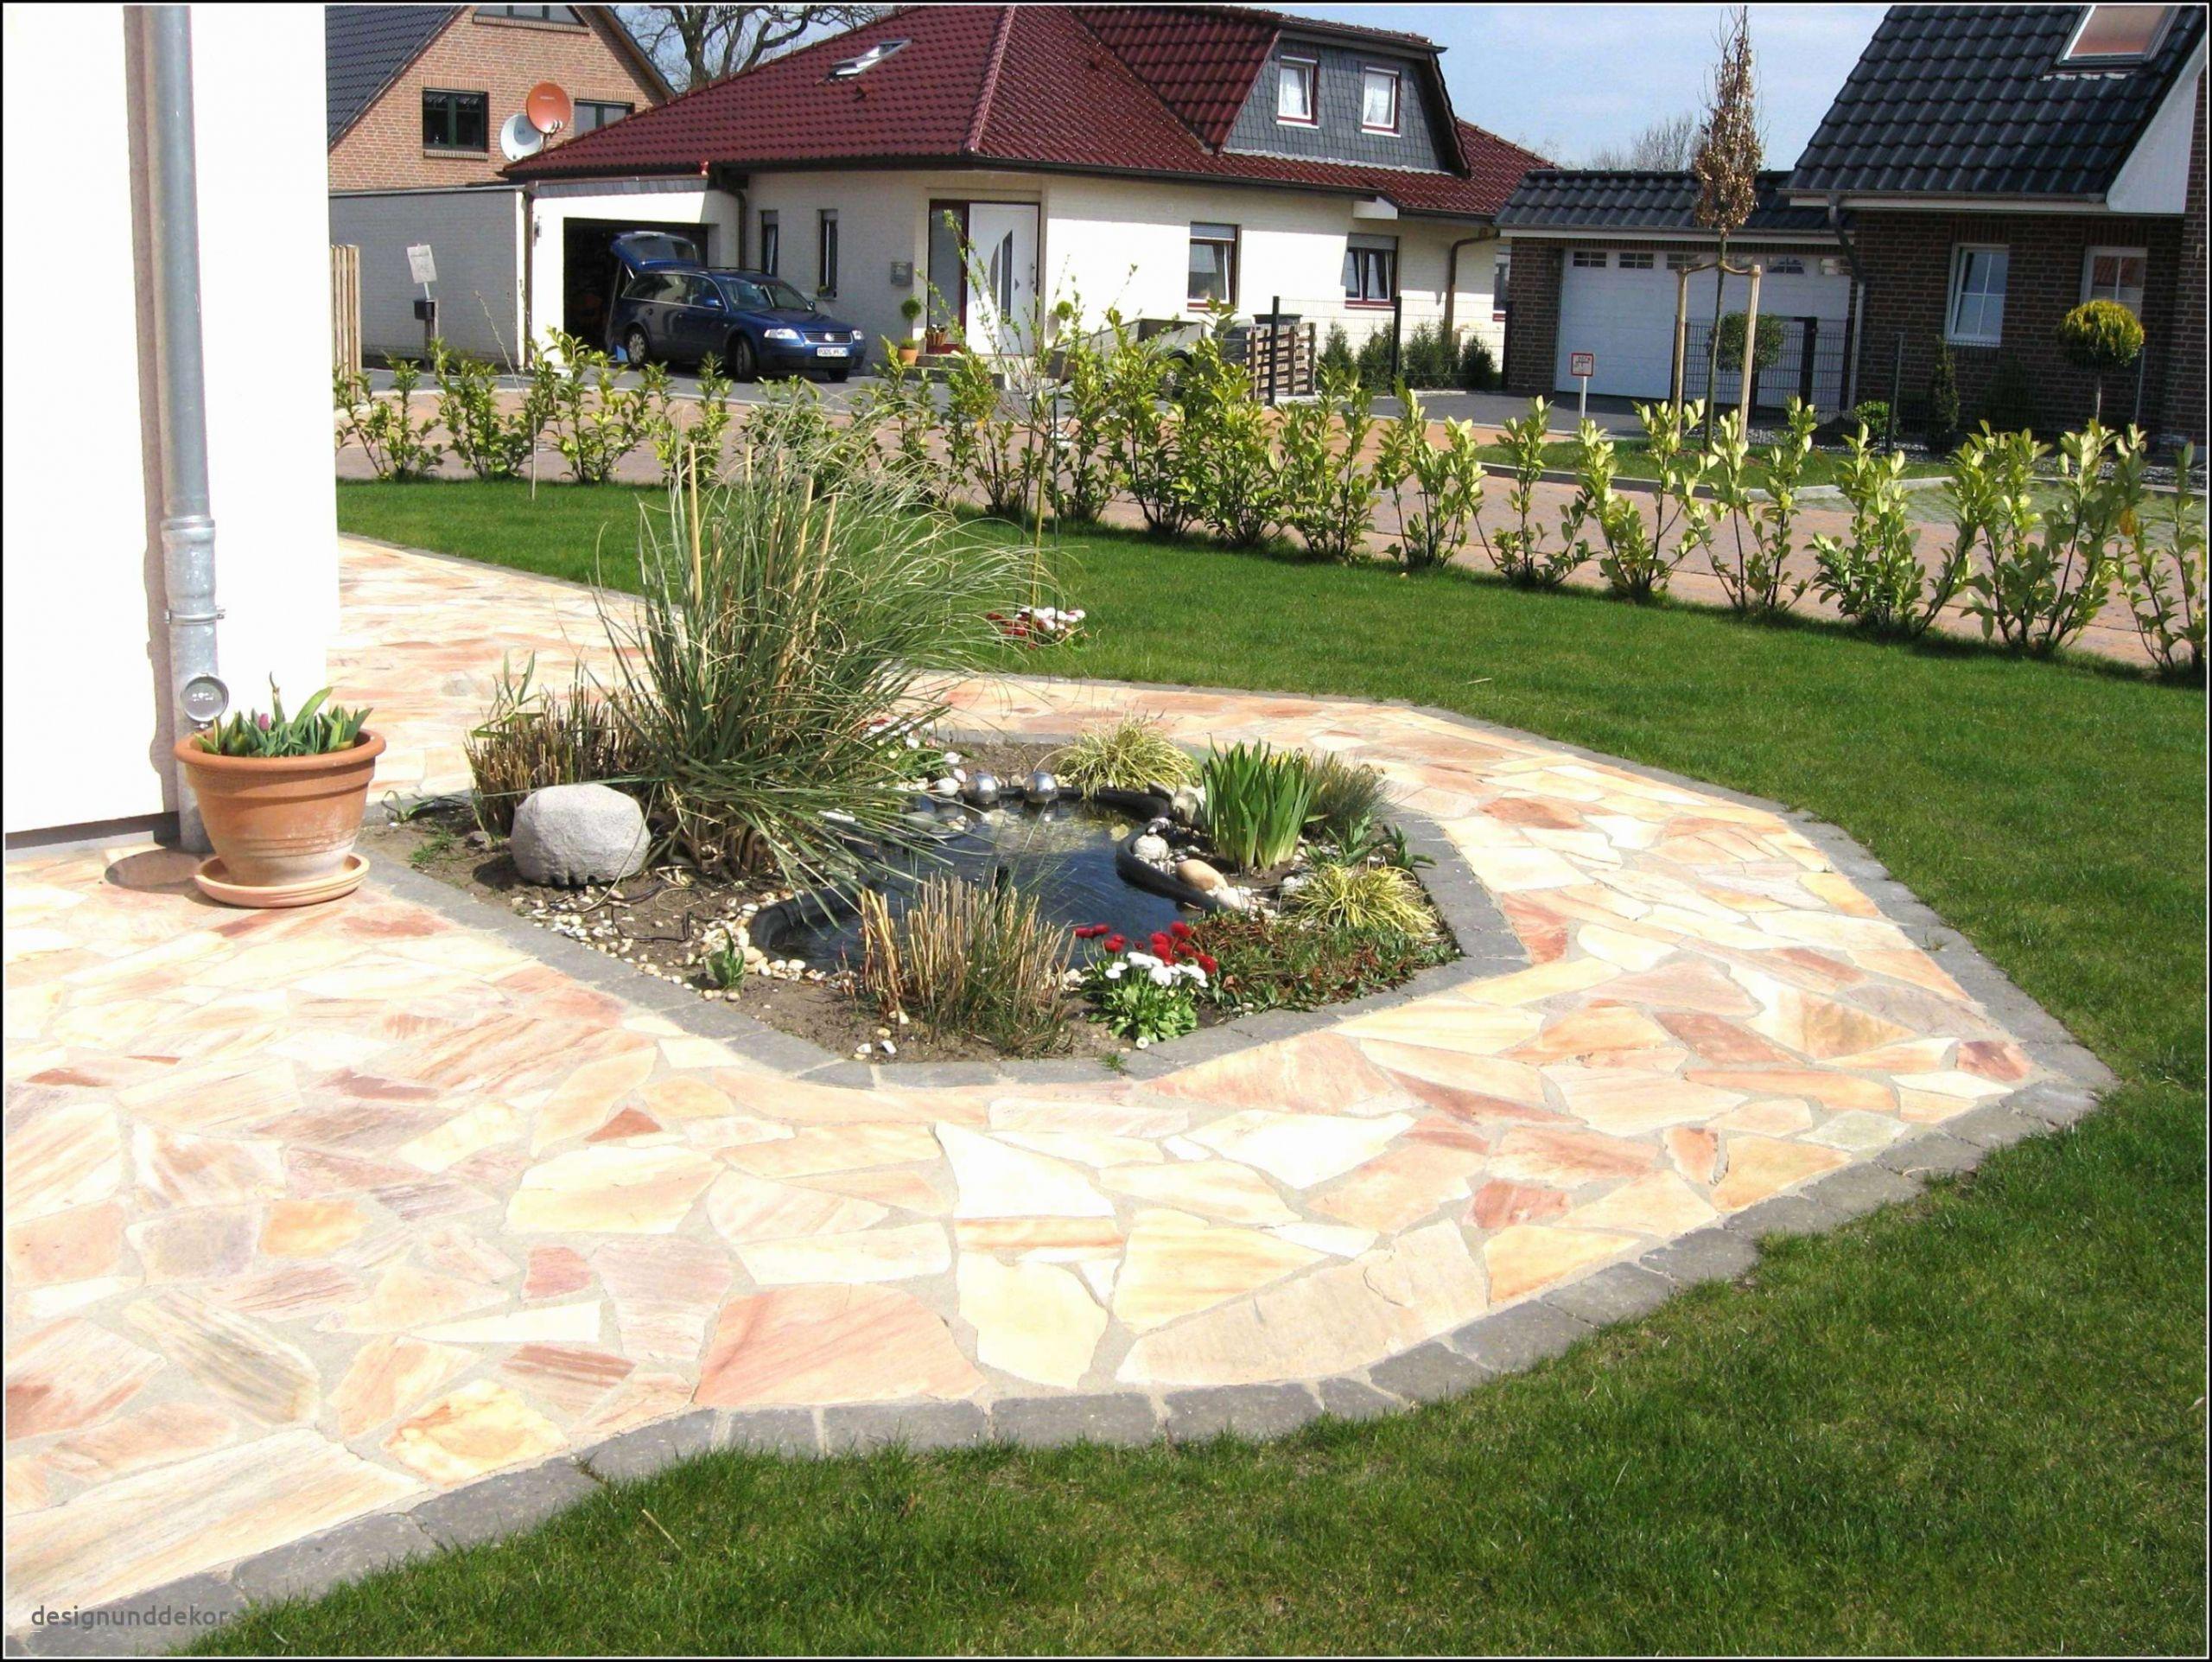 Gartenanlage Gestalten Elegant Kleinen Garten Gestalten — Temobardz Home Blog